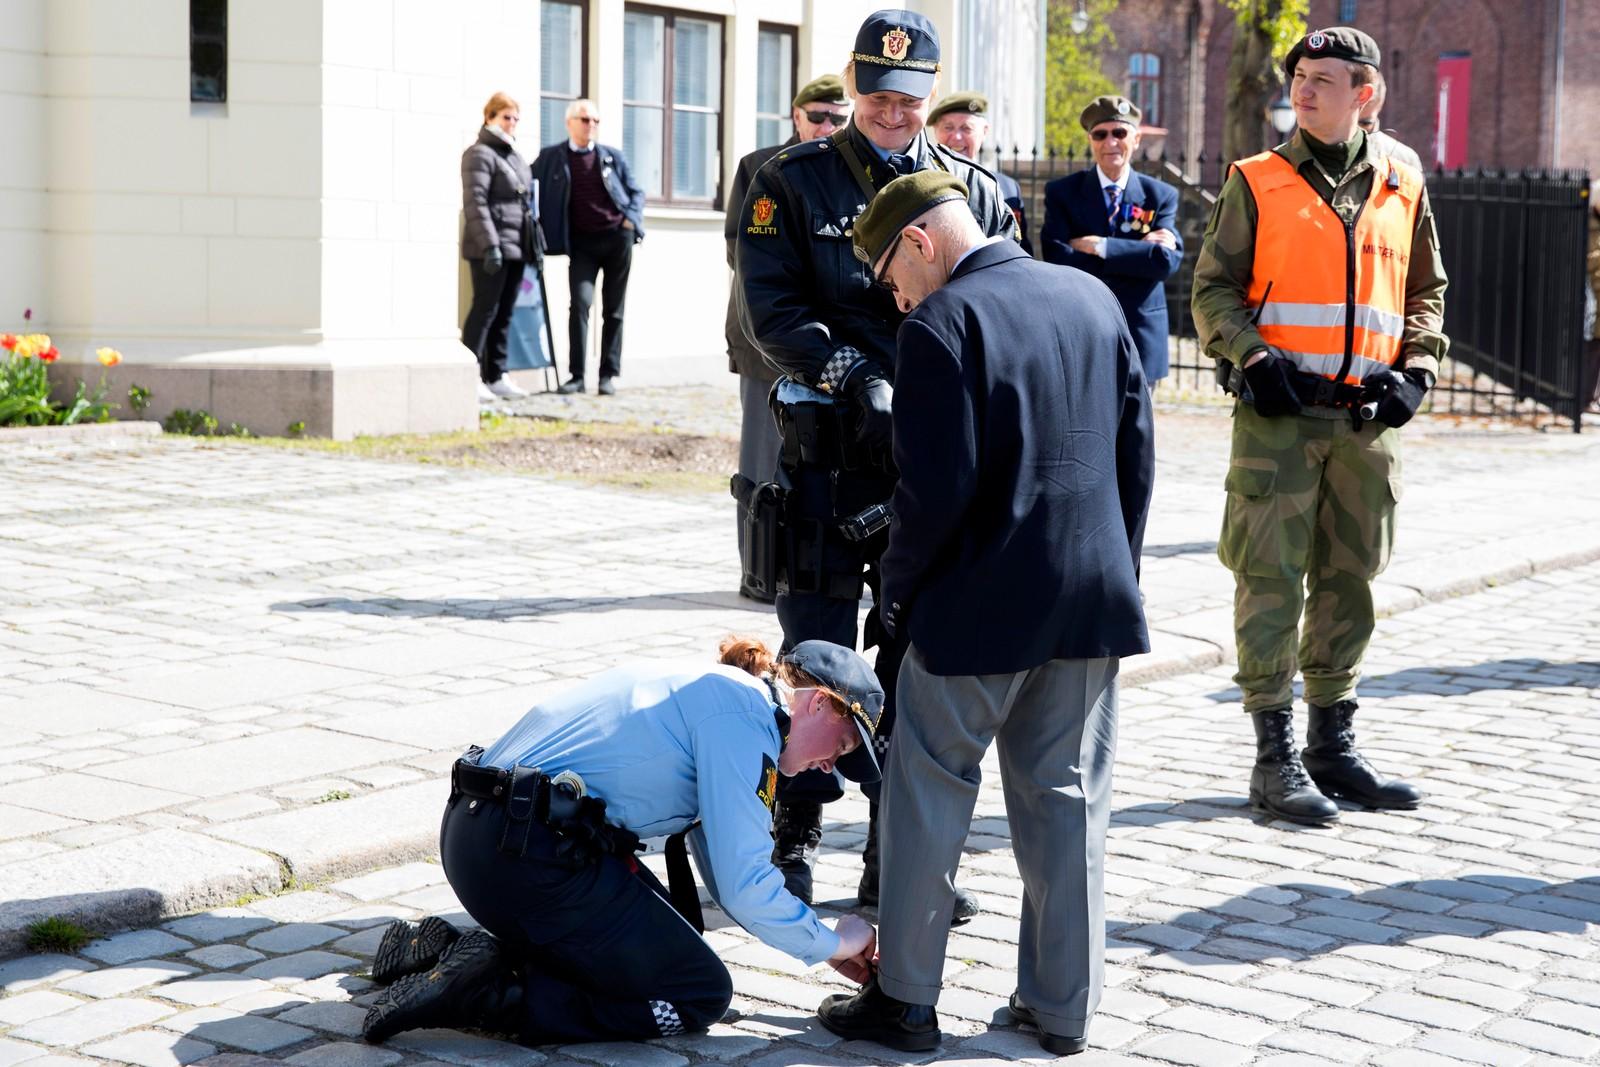 En militær-veteran får hjelp med skolissen under et arrangement i forbindelse med frigjørings- og veterandagen 8. mai.